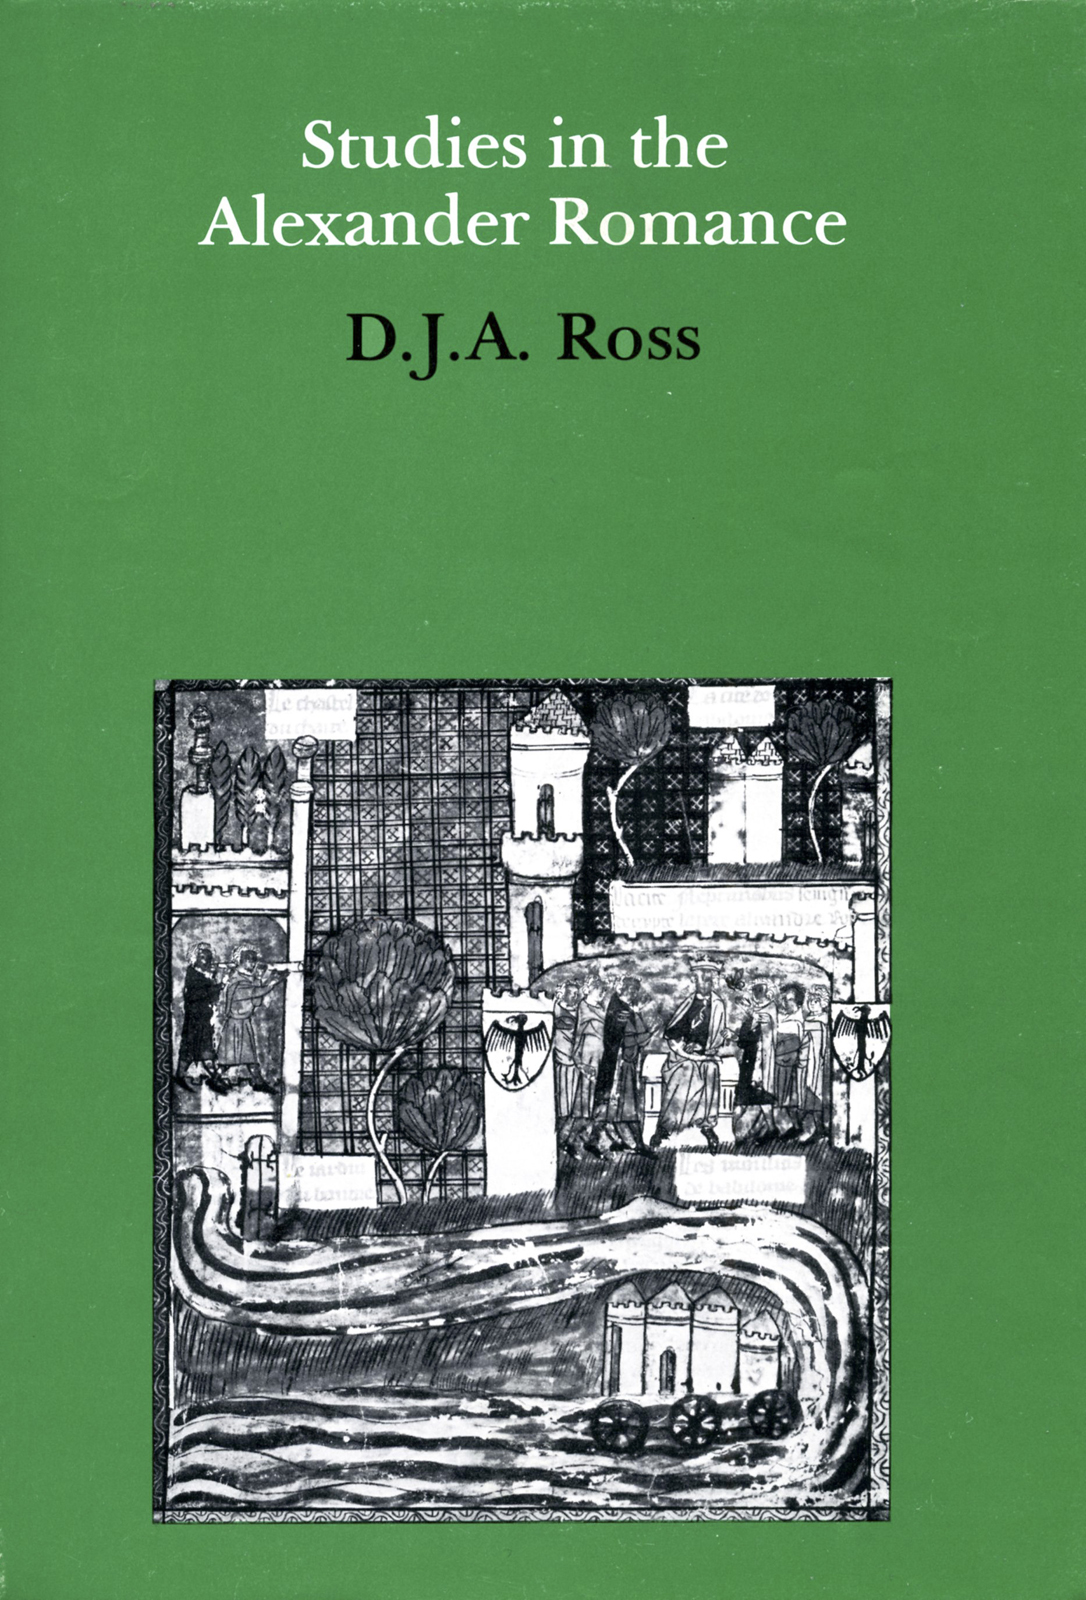 D.J.A Ross